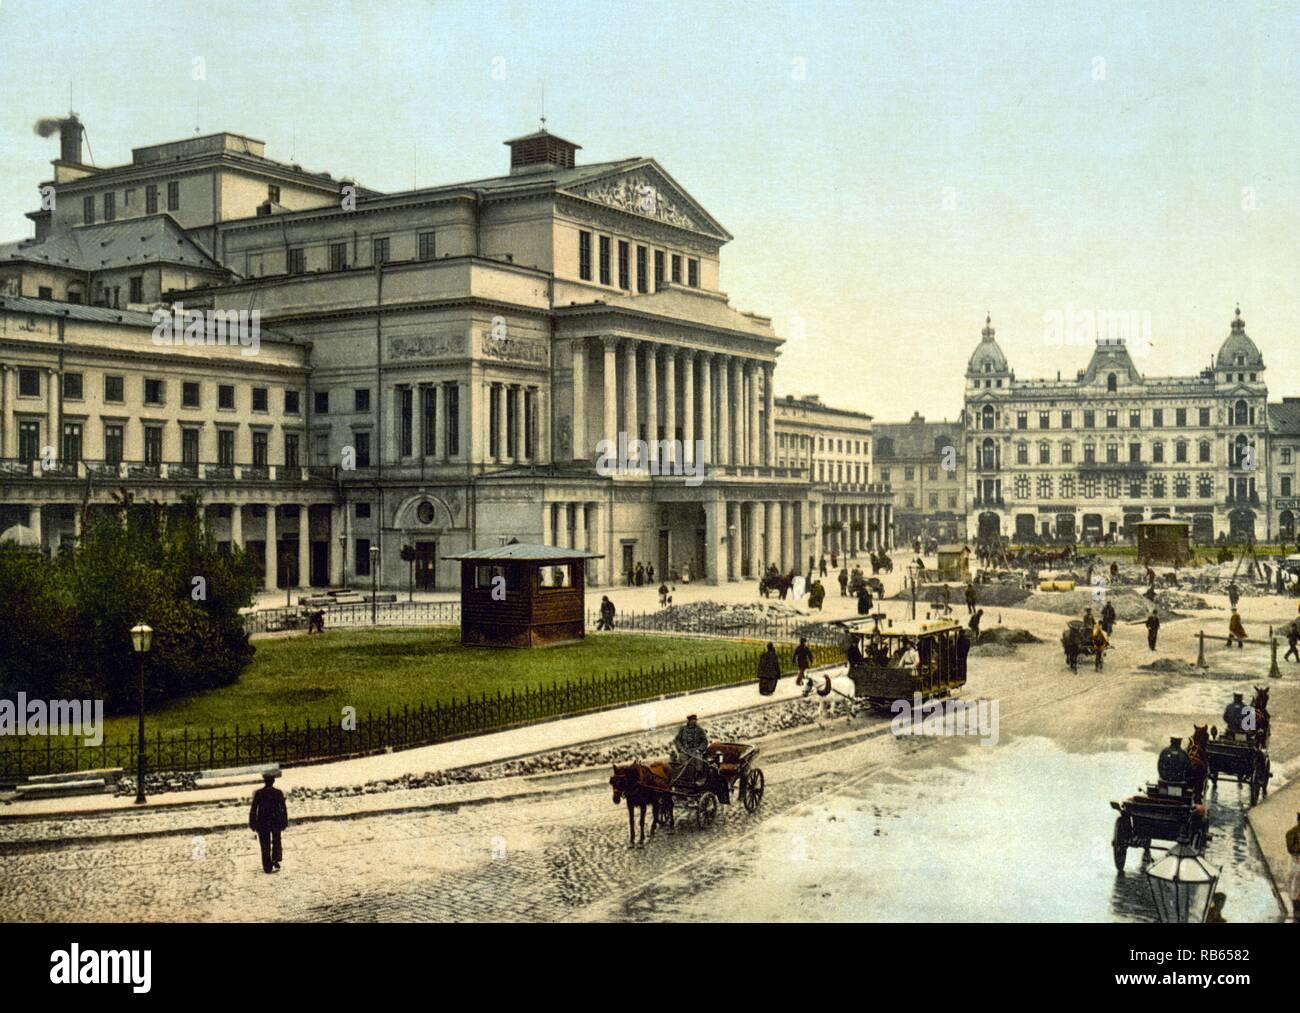 Grand theatre; Warsaw; Russia (i.e. Warsaw; Poland) - Stock Image